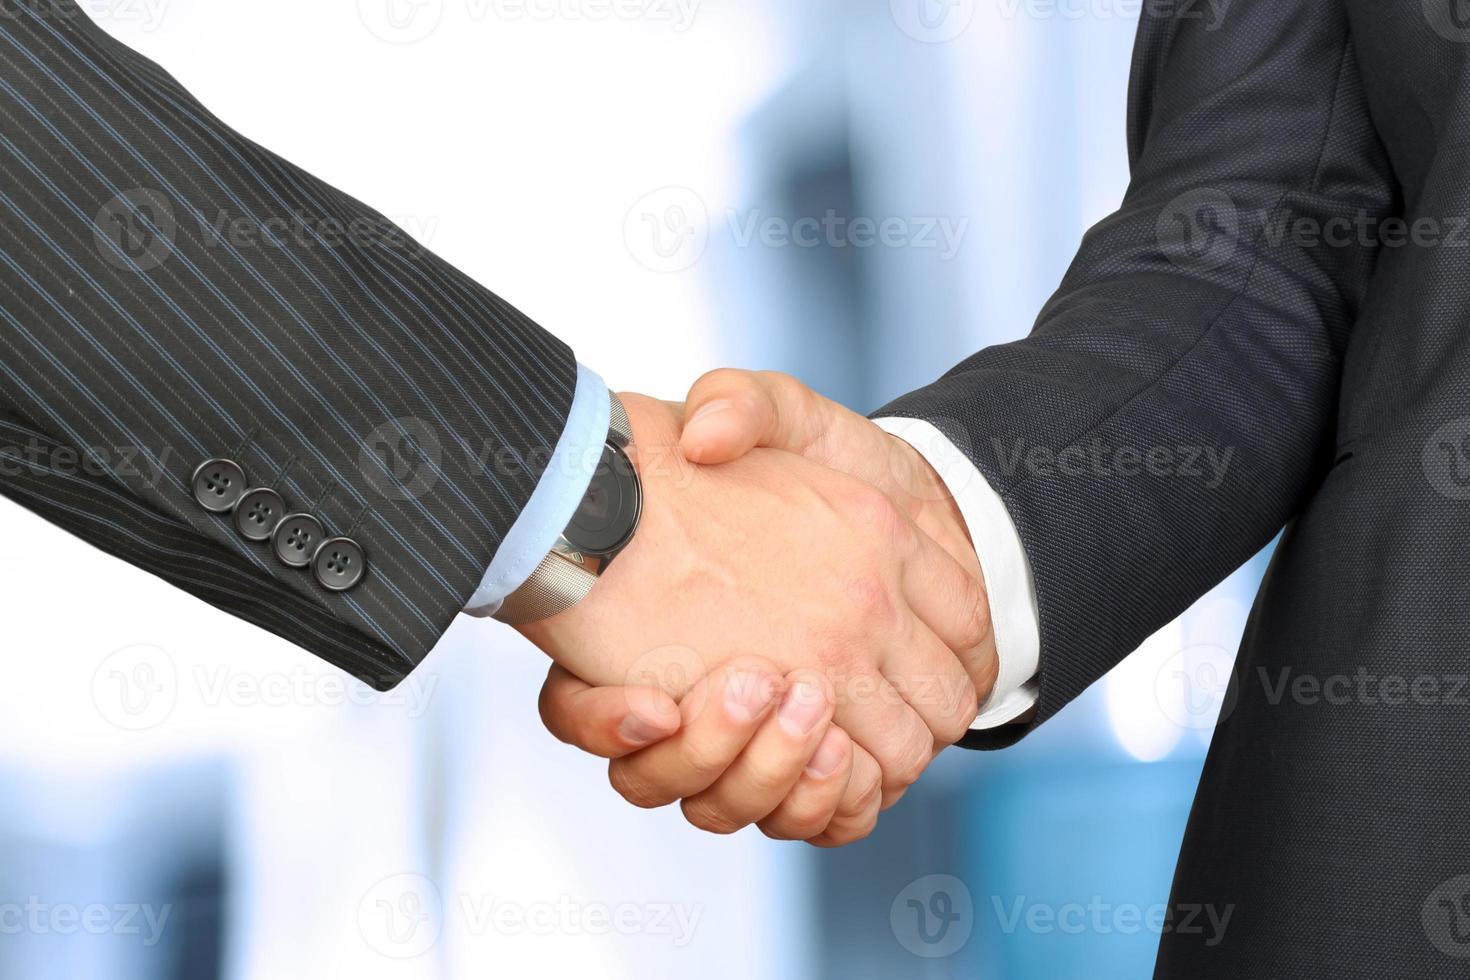 närbild av en fast handskakning mellan två kollegor utanför foto